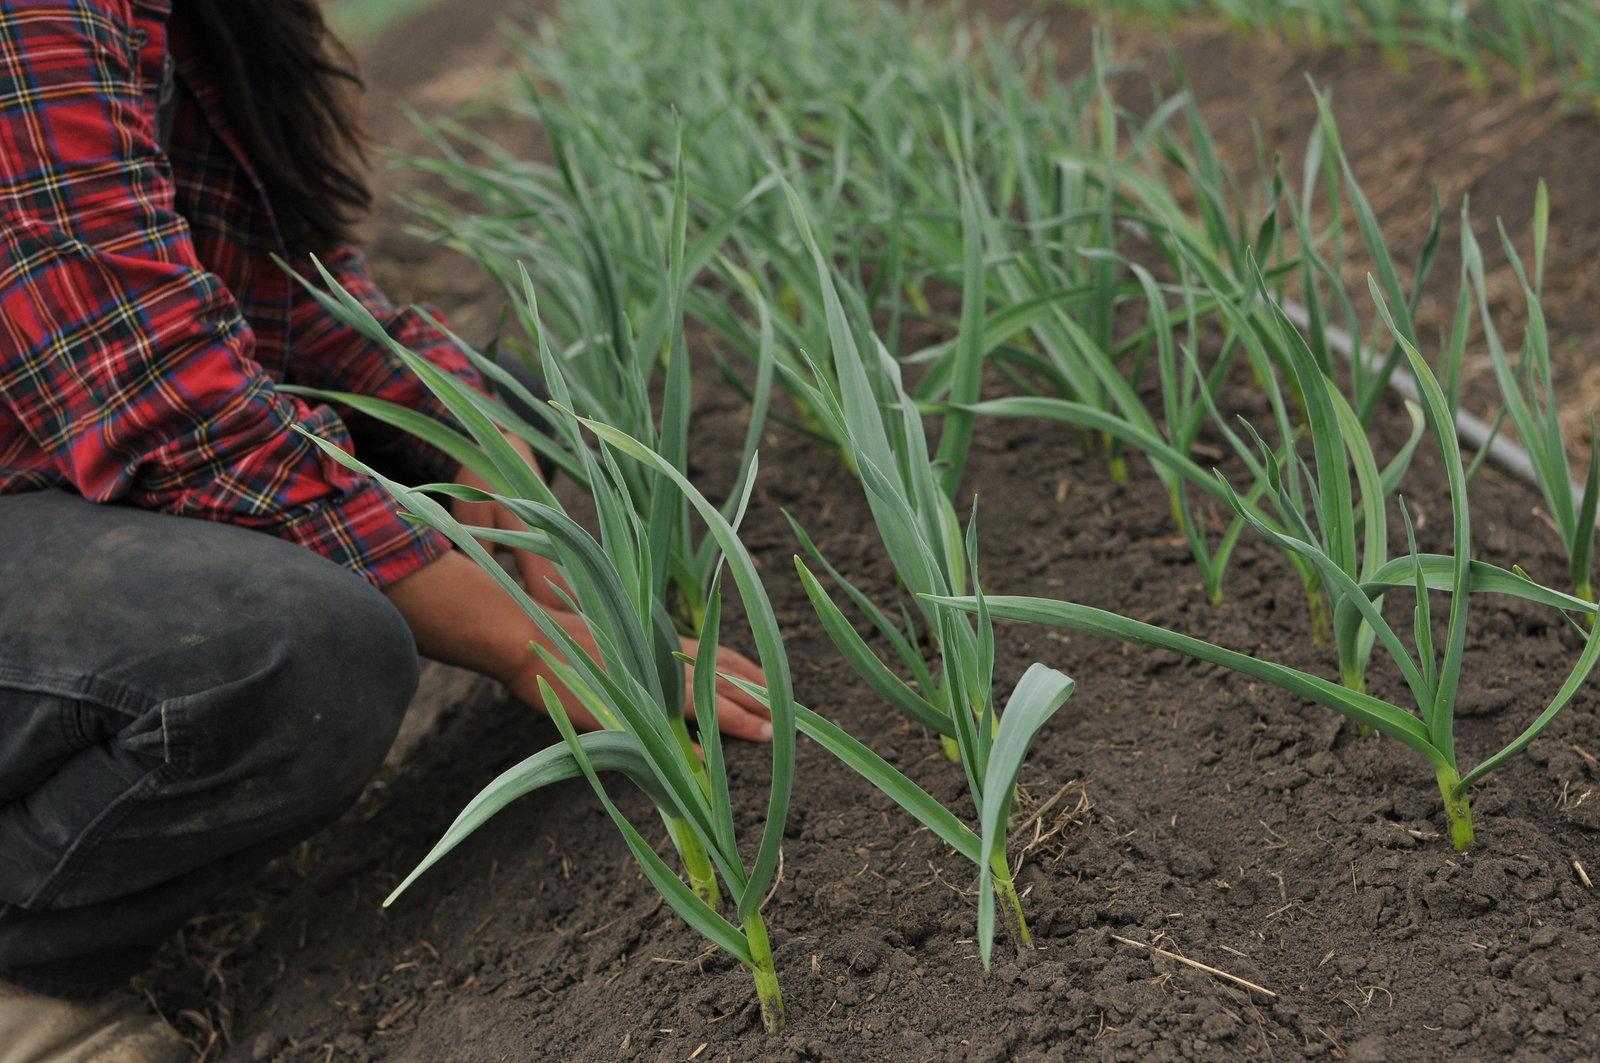 Skyla Farmer Veggie Patch Farm CSA Garden by Melissa E Earle Mee